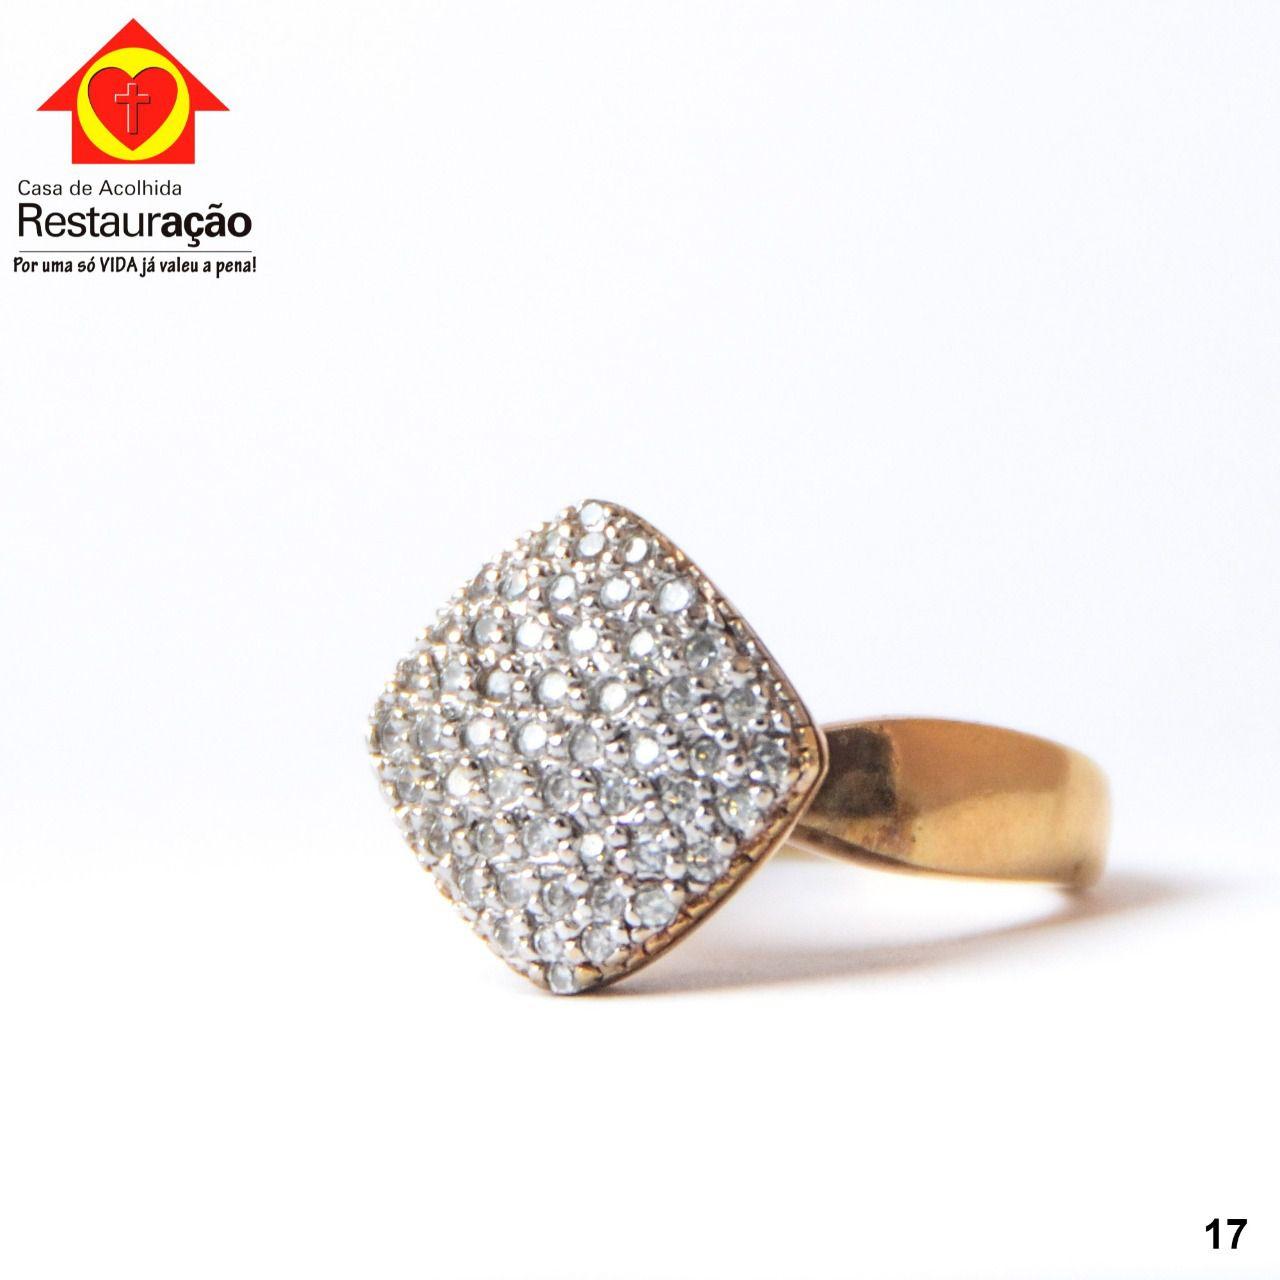 Anel Dourado com Pedras